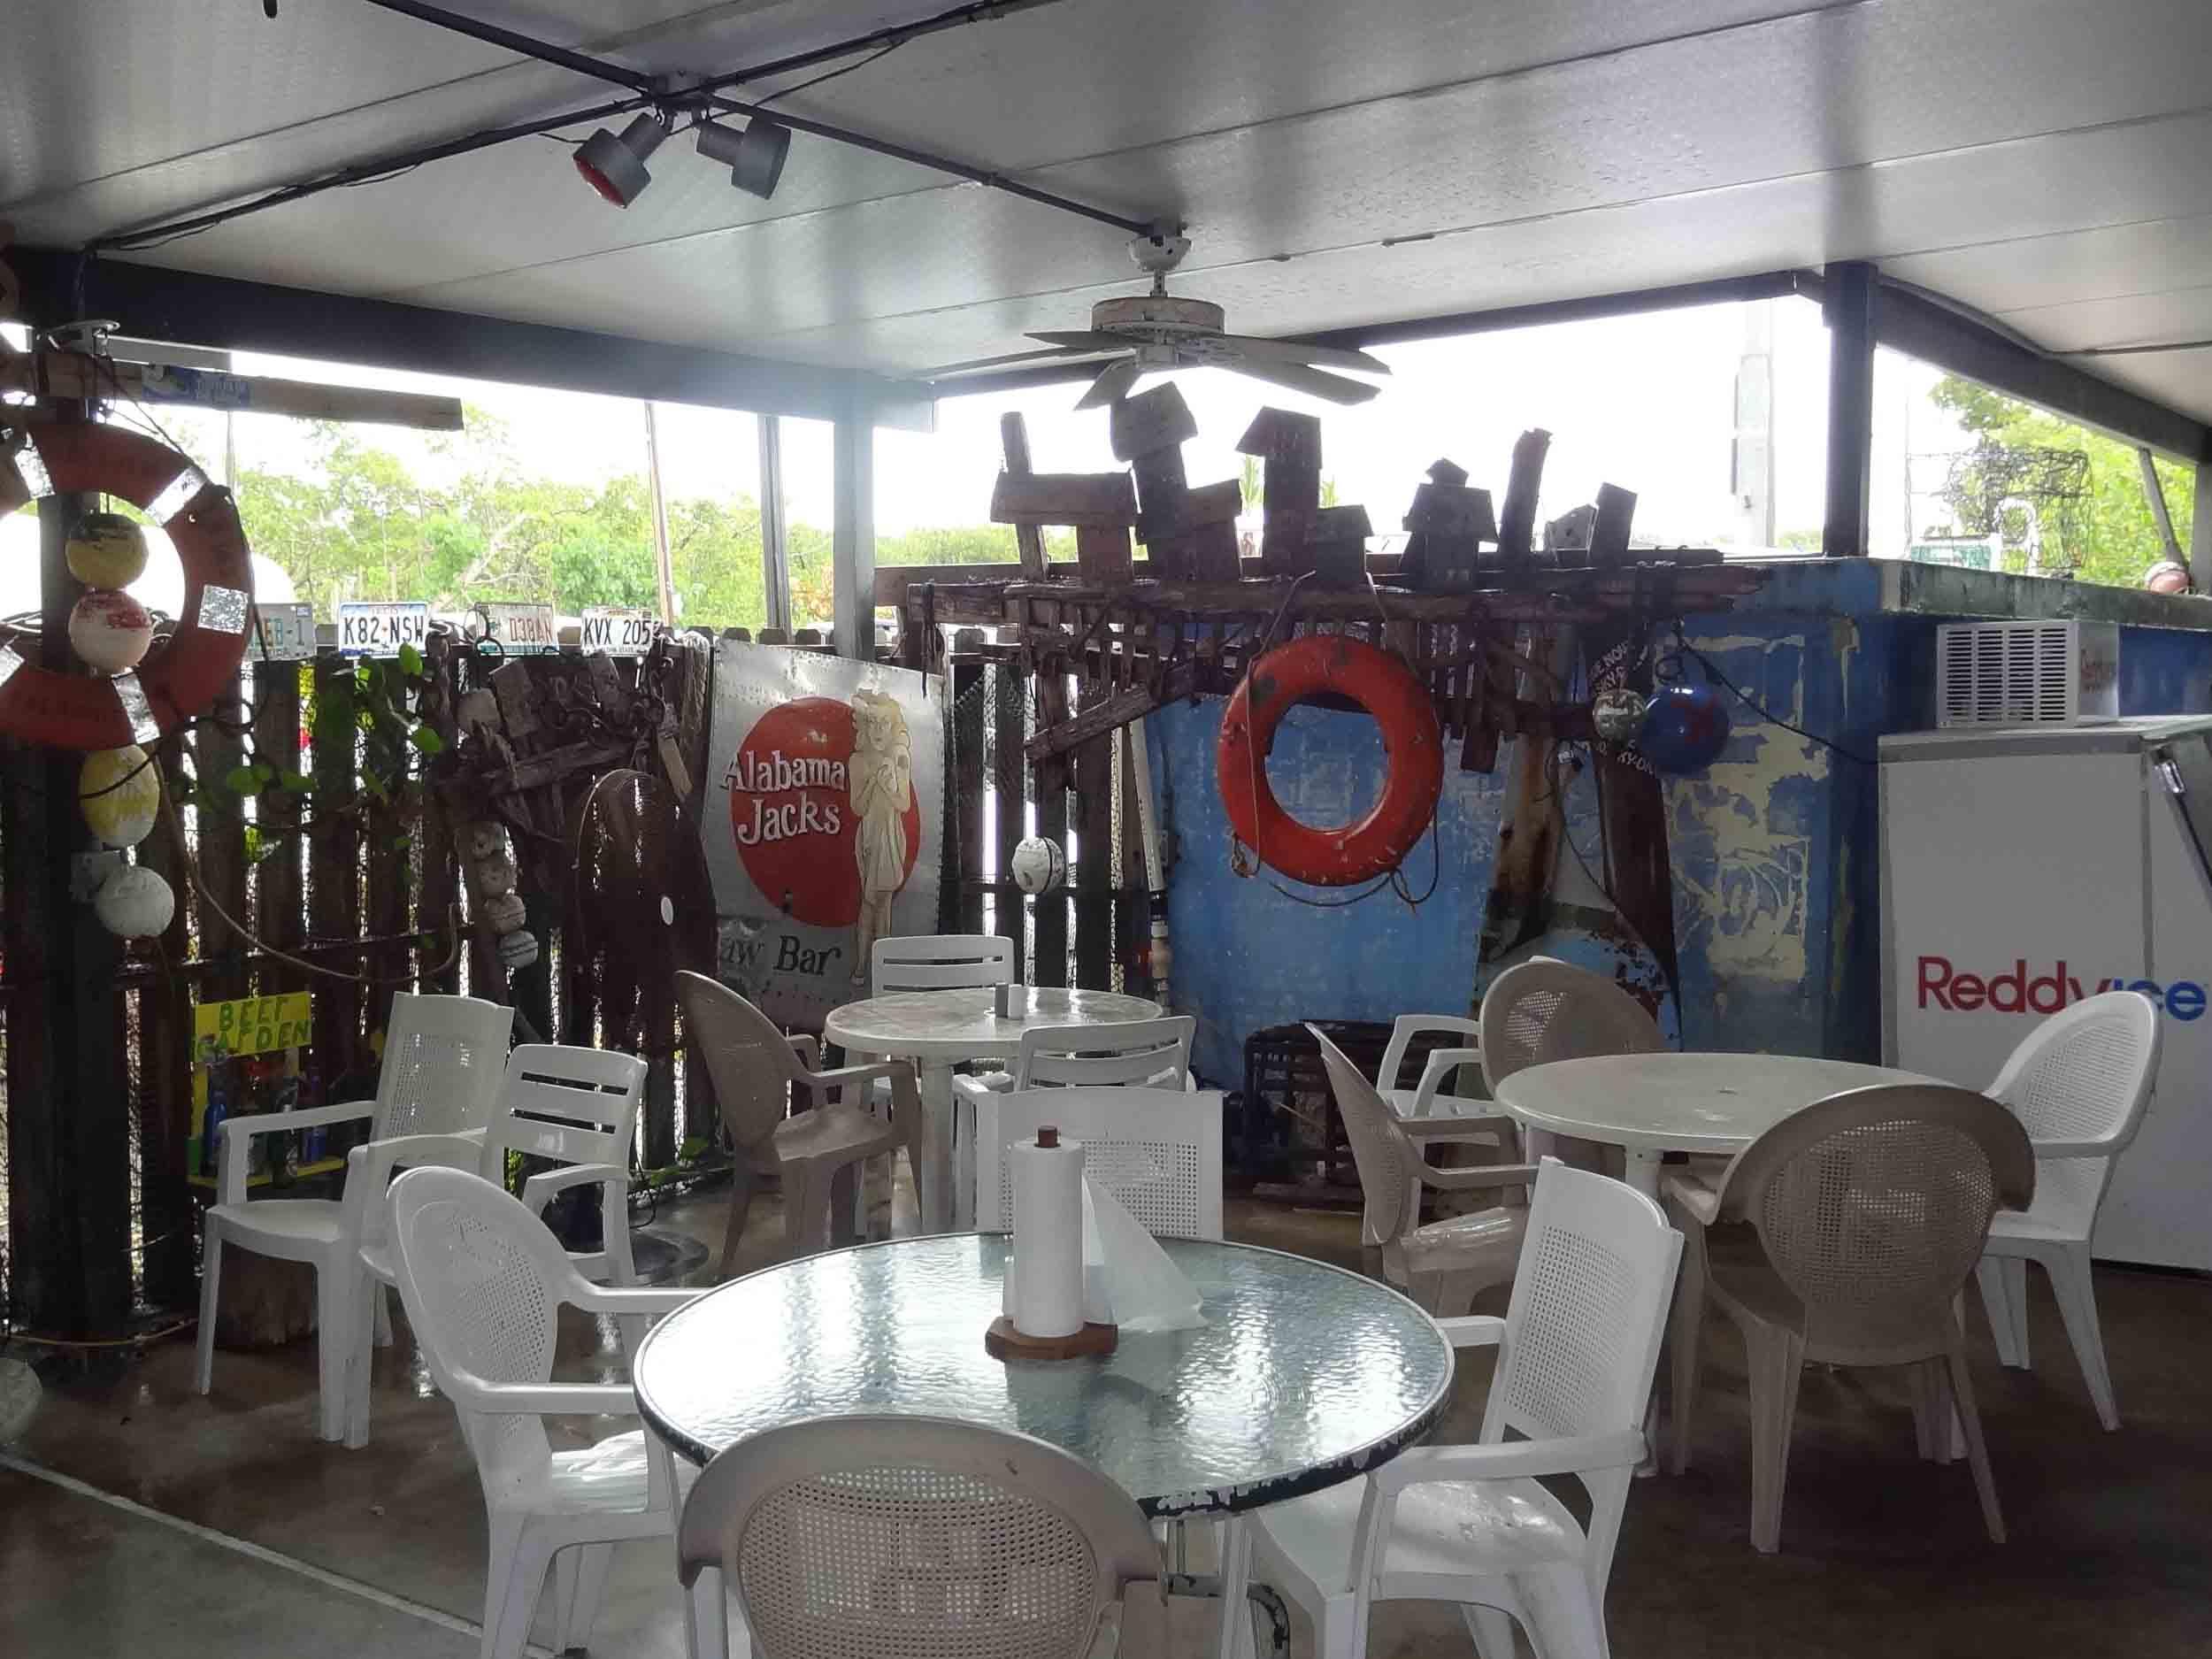 Alabama Jack's Dining Area